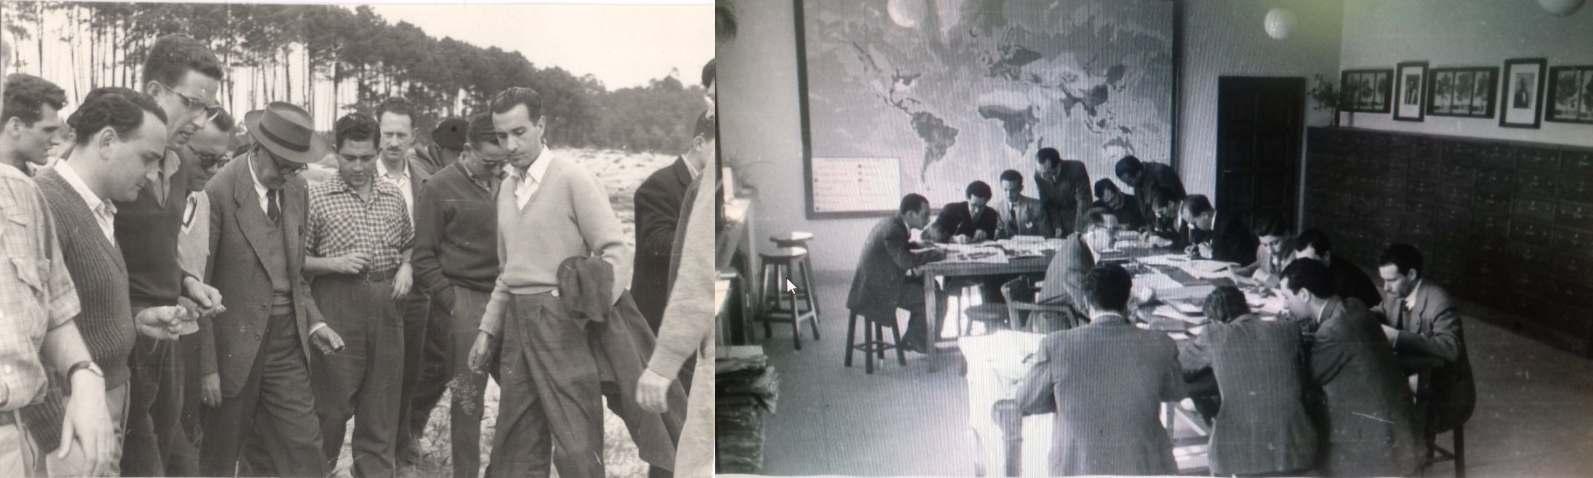 Fotografía: Viaje prácticas a Galicia 1960. Clase de botánica 1945.